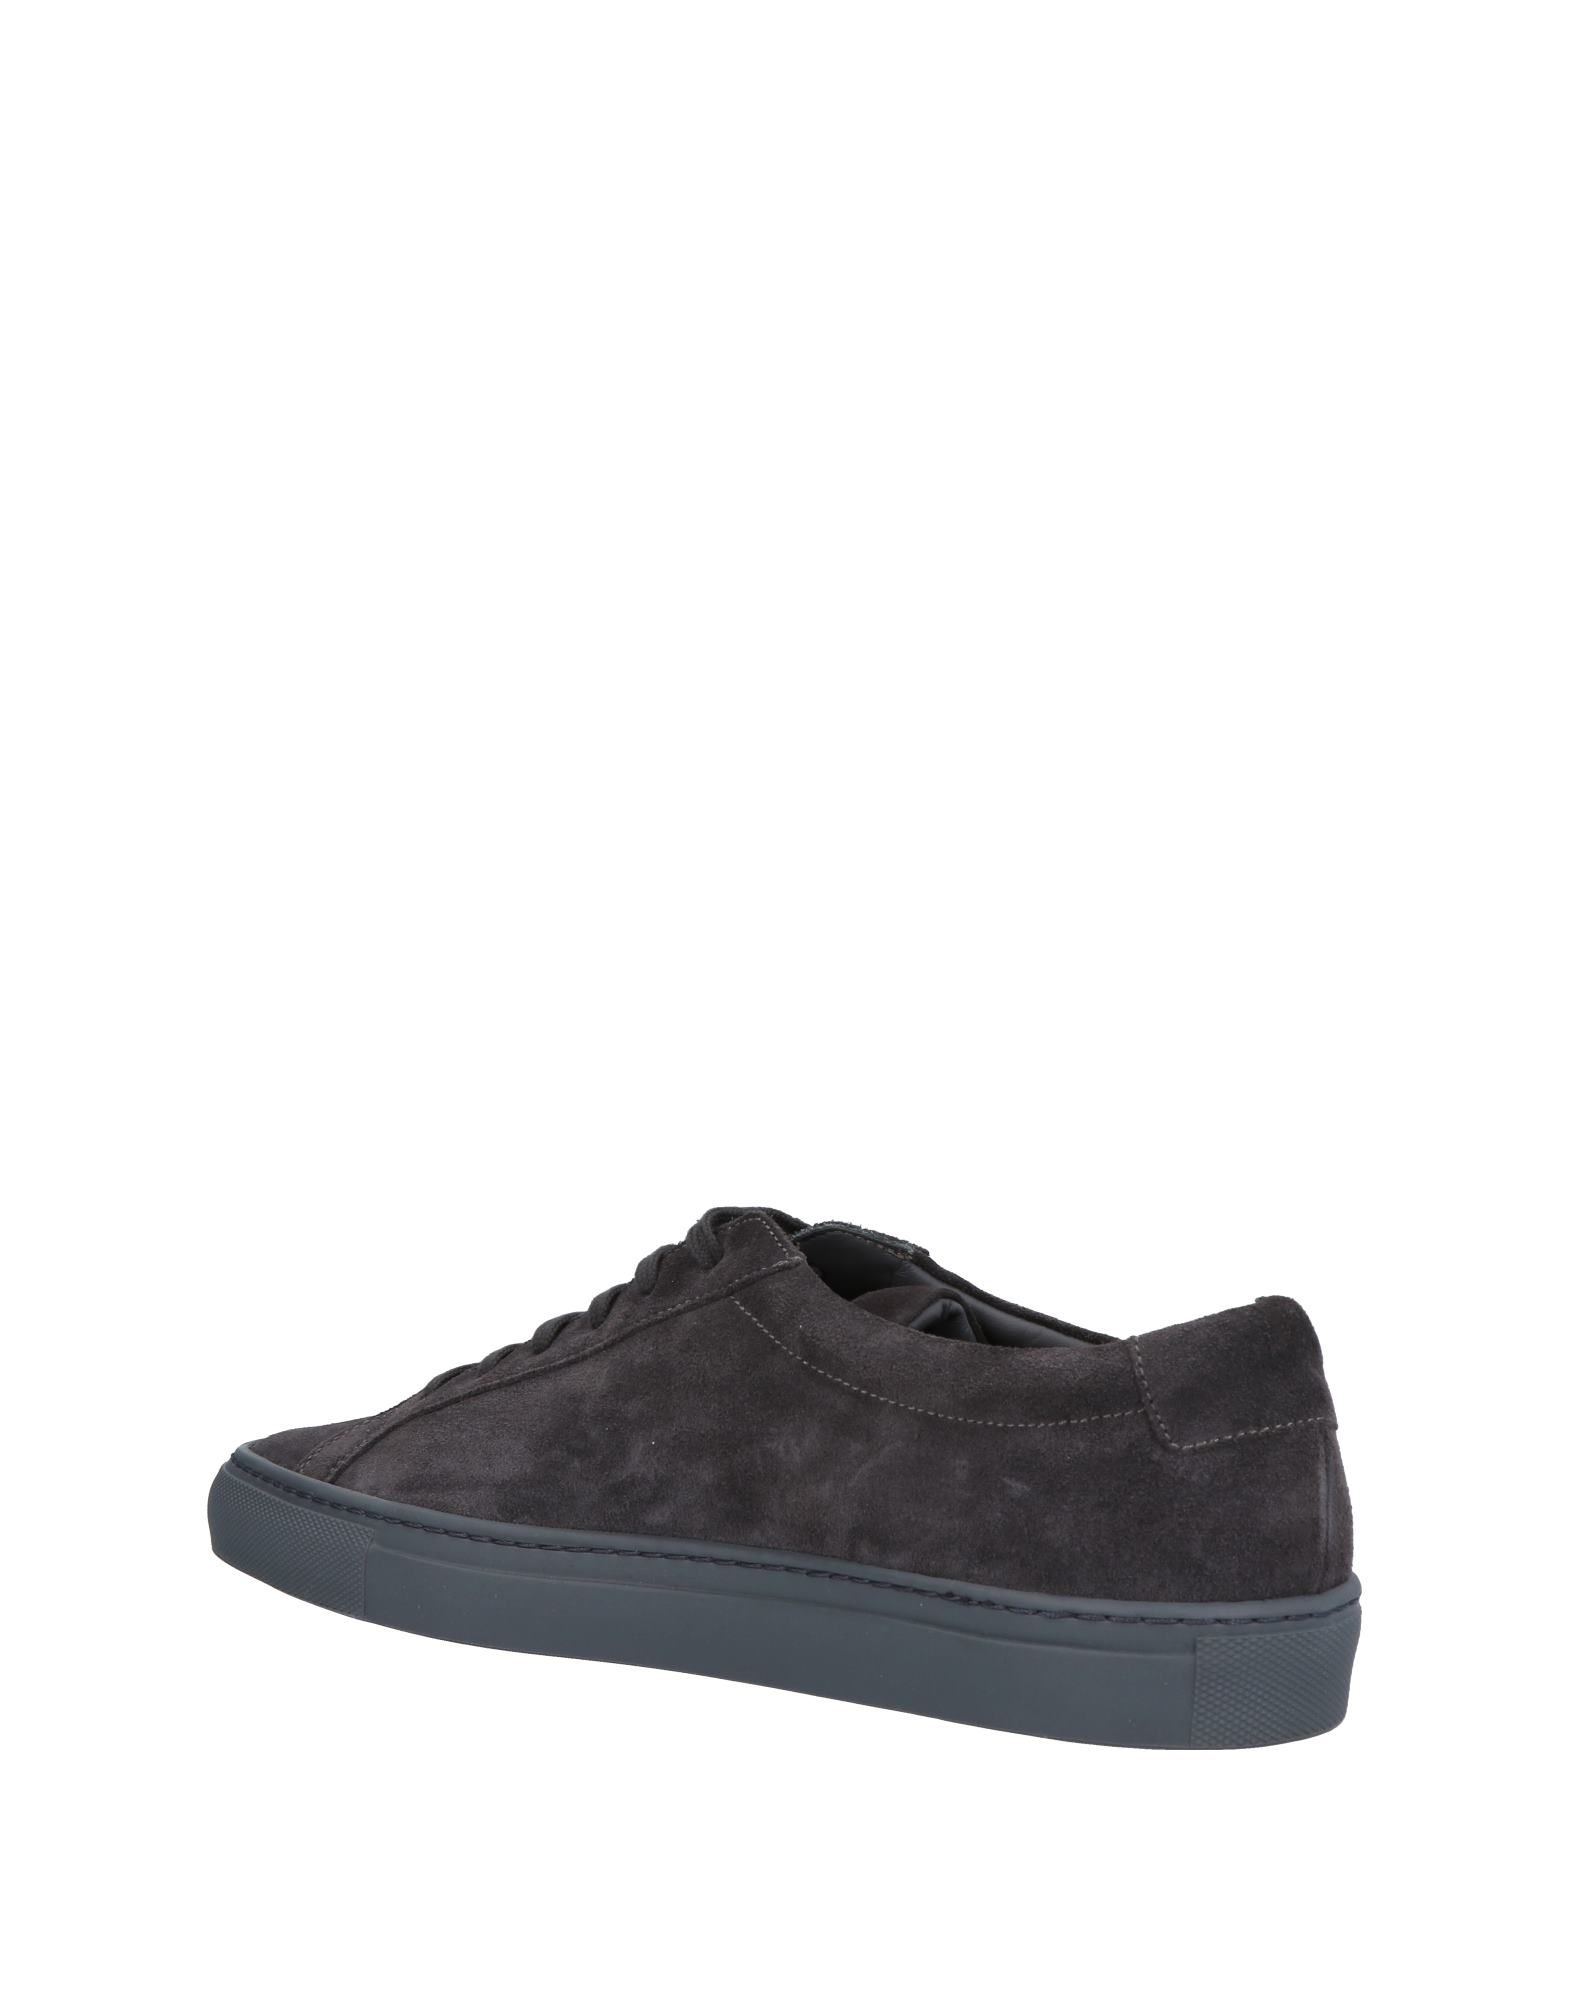 Common Projects Sneakers Herren    11461430GB Neue Schuhe ccfd61